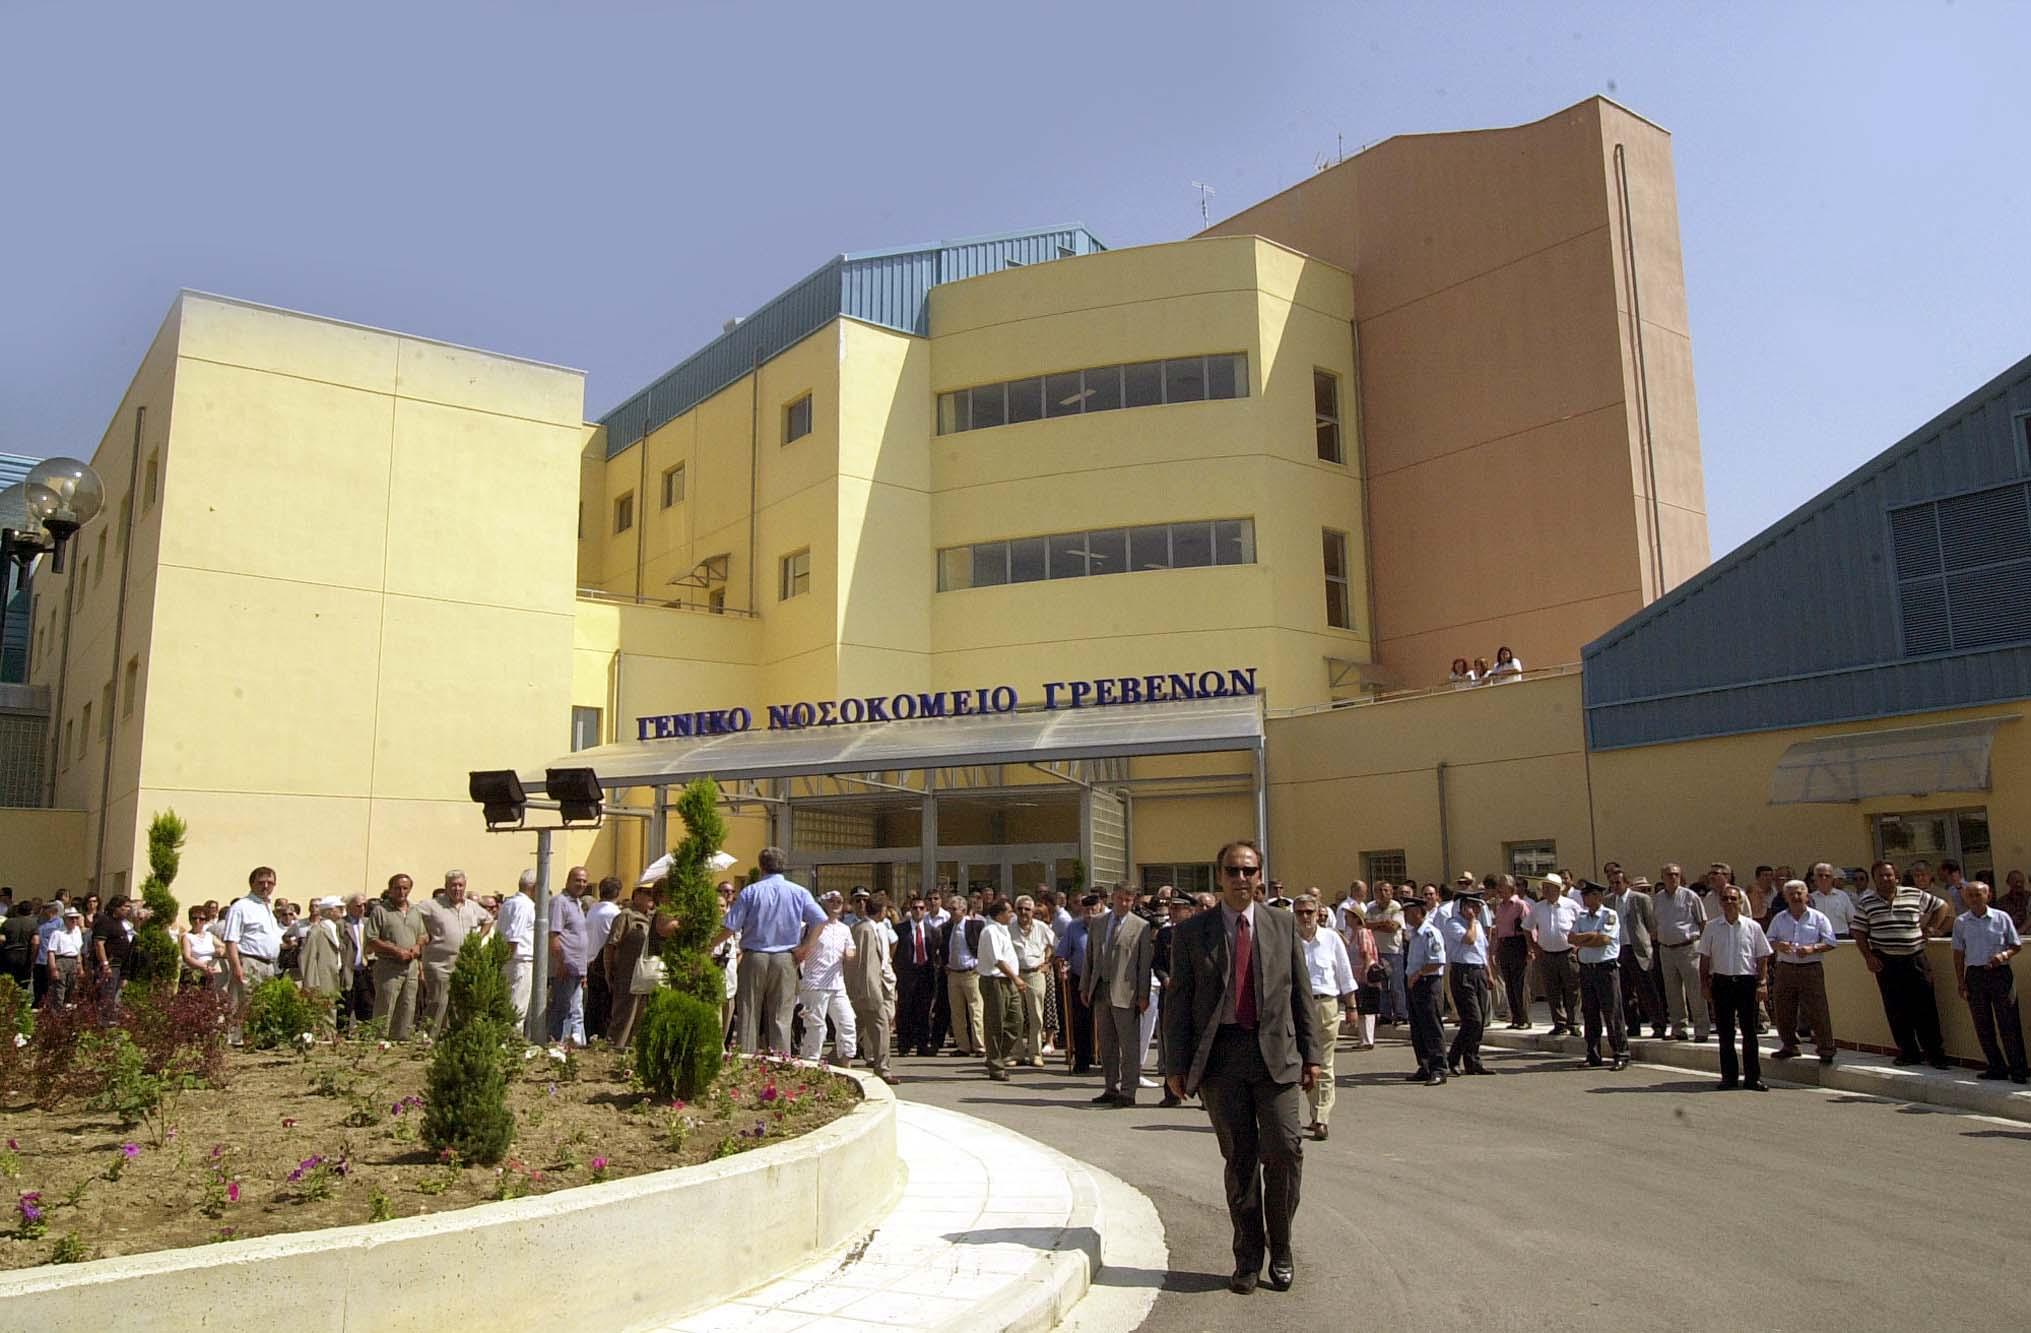 Απόφαση – καταγγελία Γενικής Συνέλευσης Ιατρών Γενικού Νοσοκομείου Γρεβενών